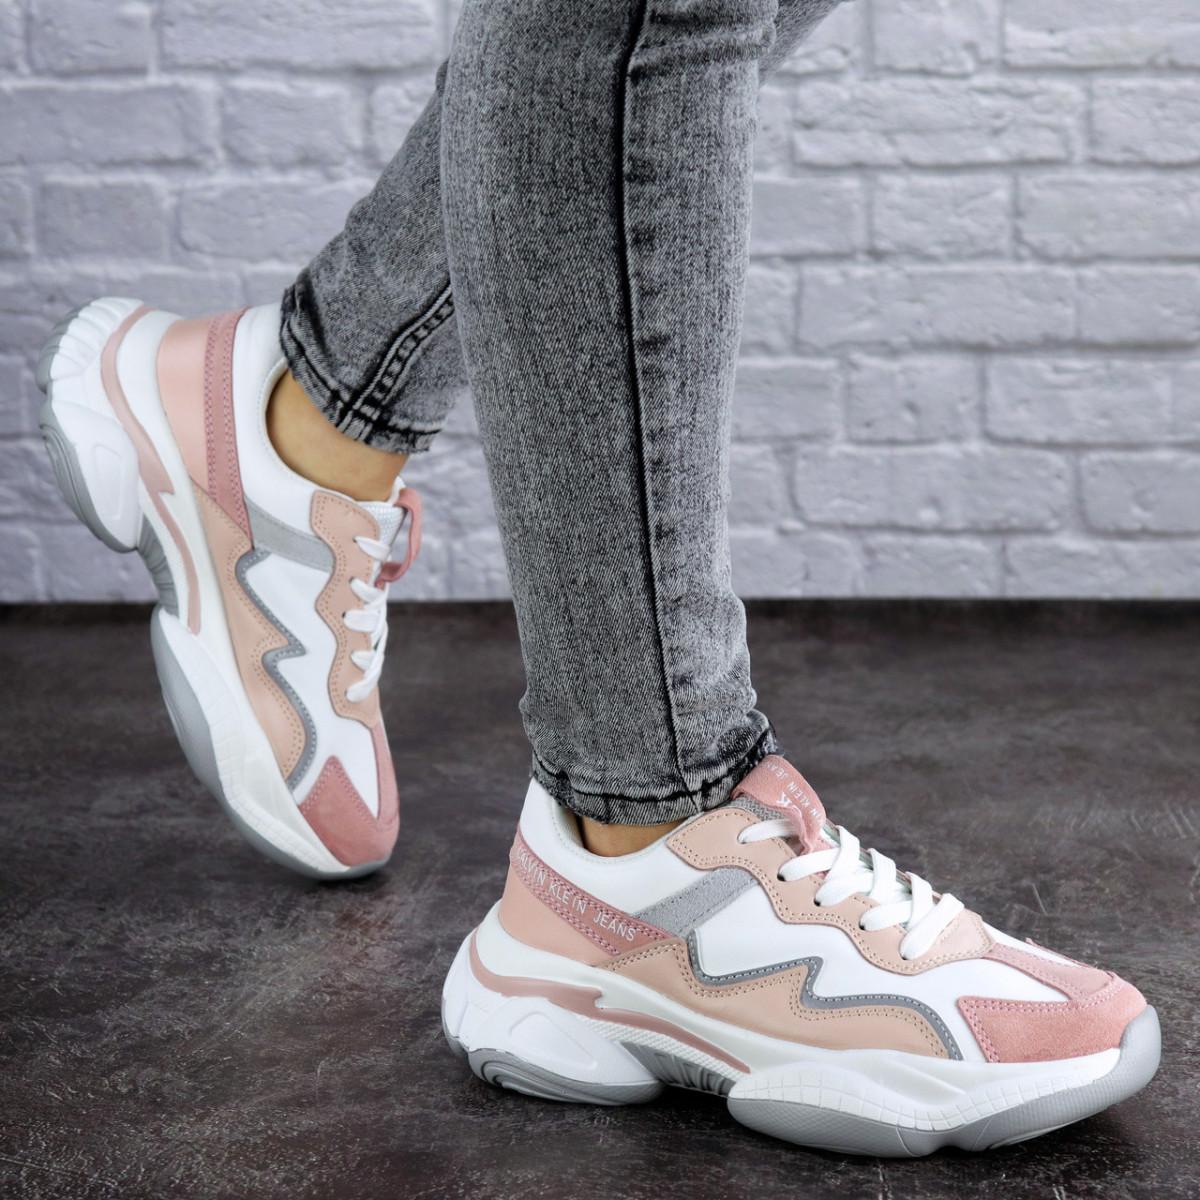 Женские кроссовки розовые Oprah 2000 (37 размер)